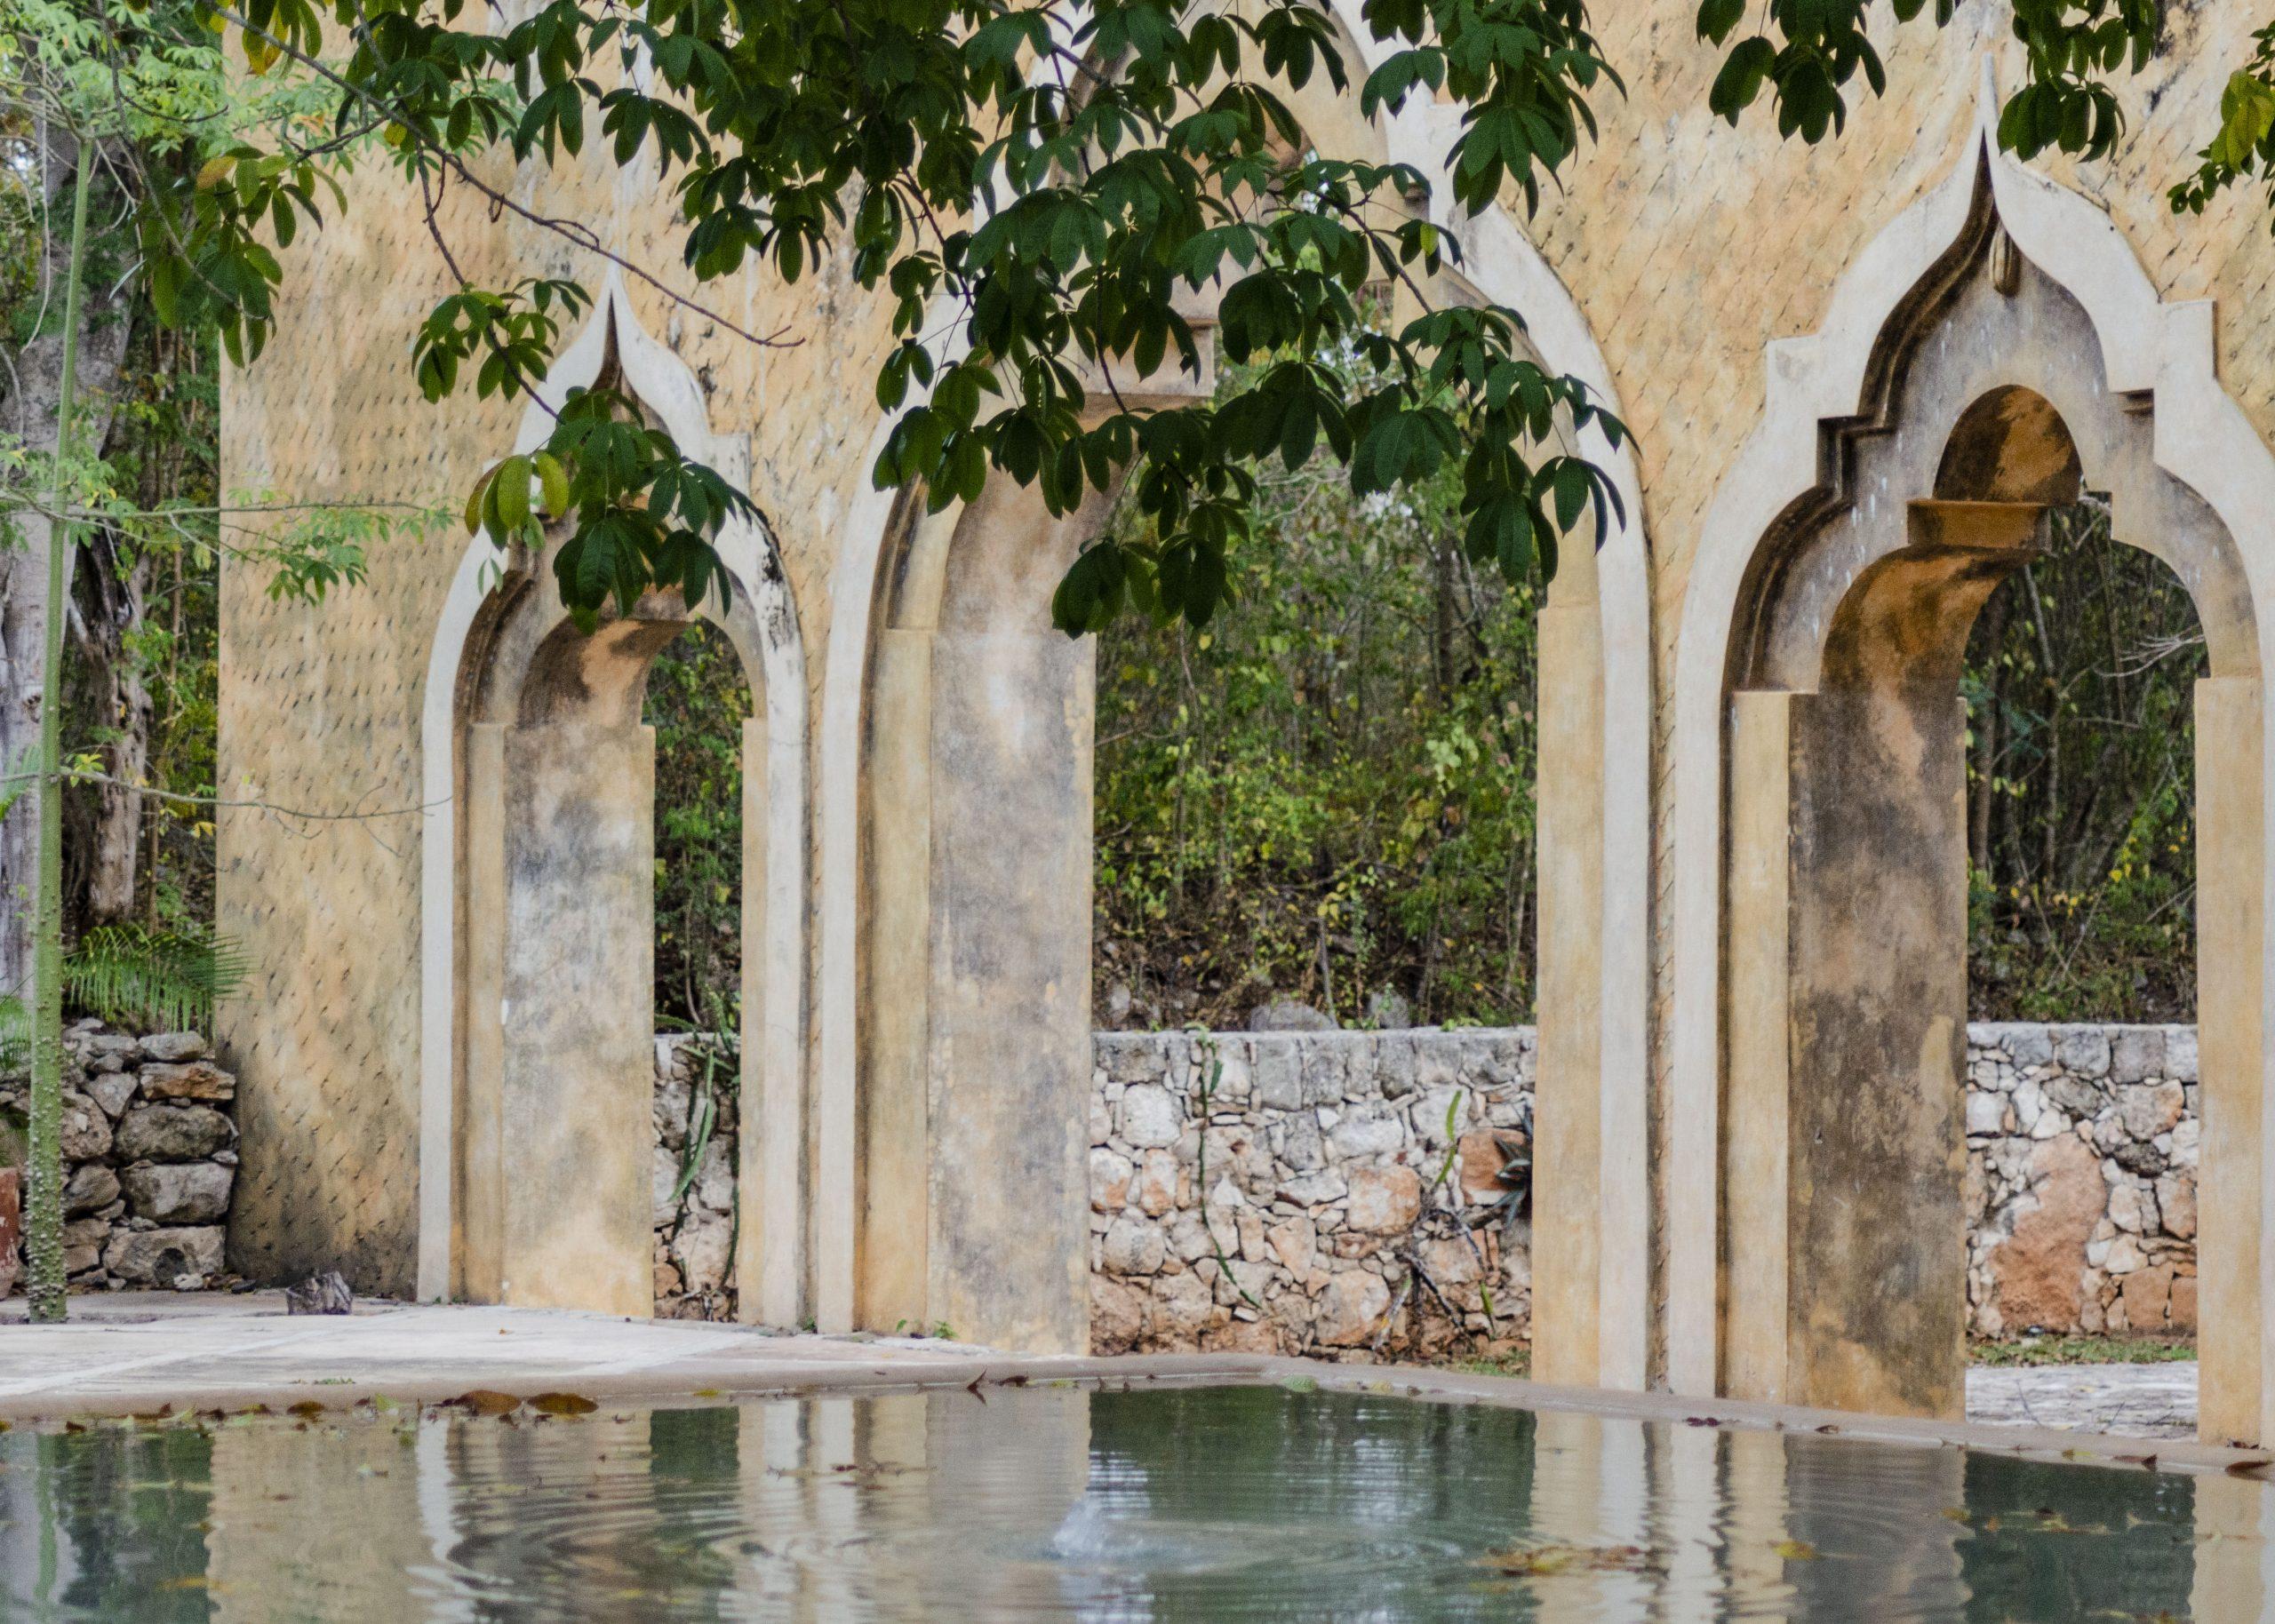 Hacienda Ochil Fountain